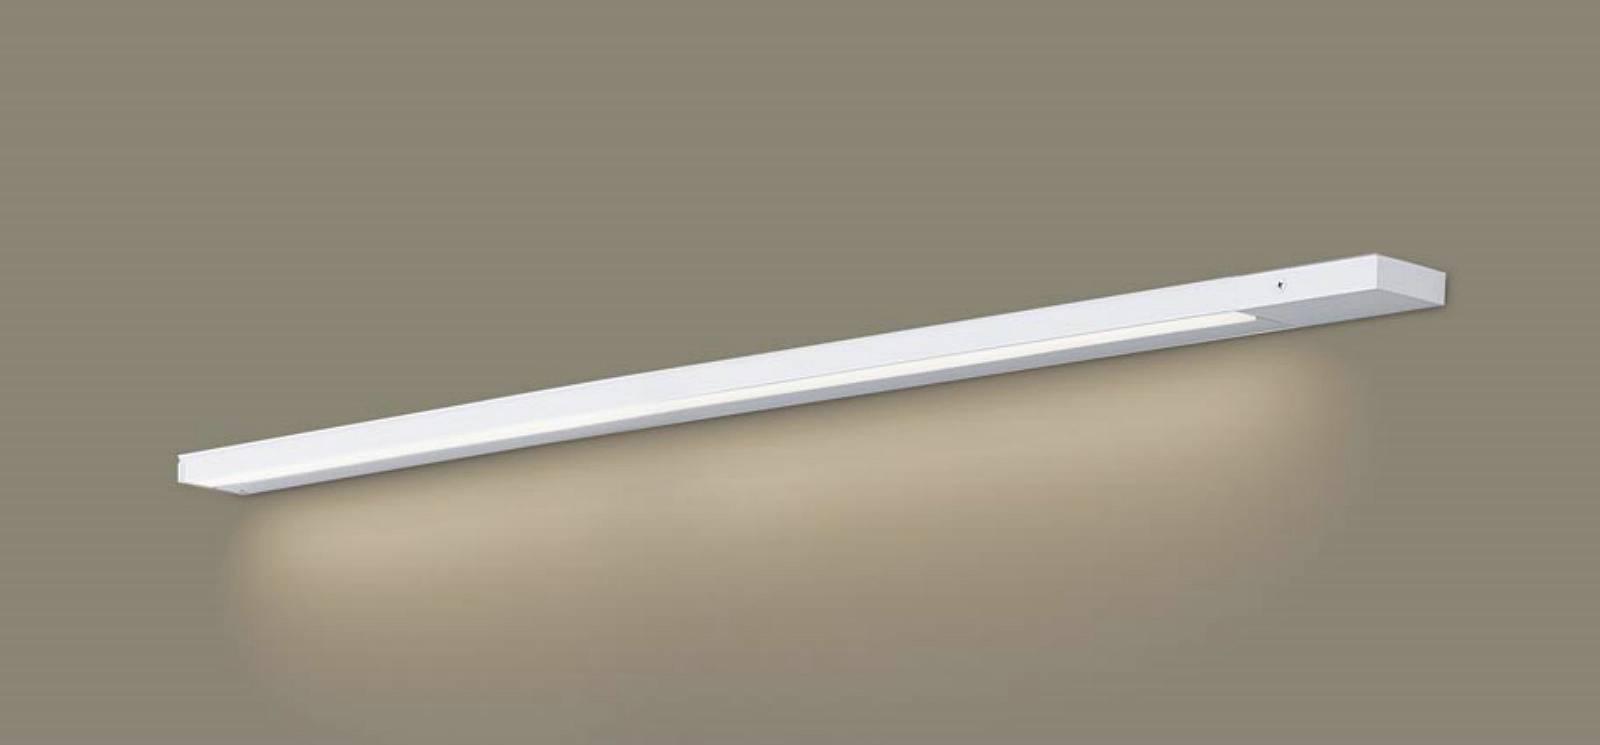 T区分 パナソニック LGB51346XG1 ベースライト 建築化照明器具 畳数設定無し LED【setsuden_led】